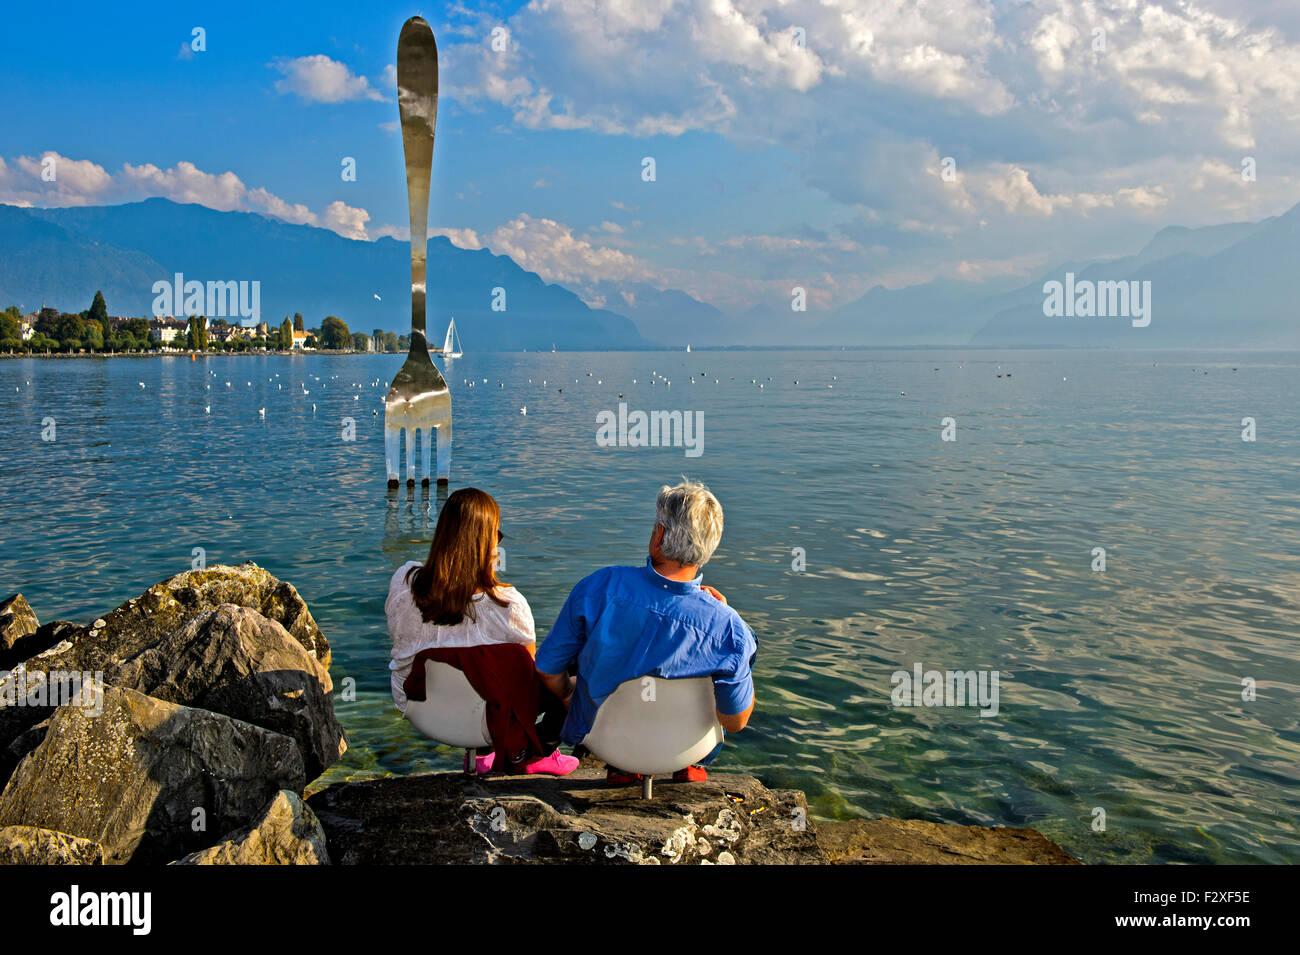 Visiteurs à la sculpture, la fourchette, La Fourchette, par Jean-Pierre Zaugg, dans le lac de Genève, Photo Stock